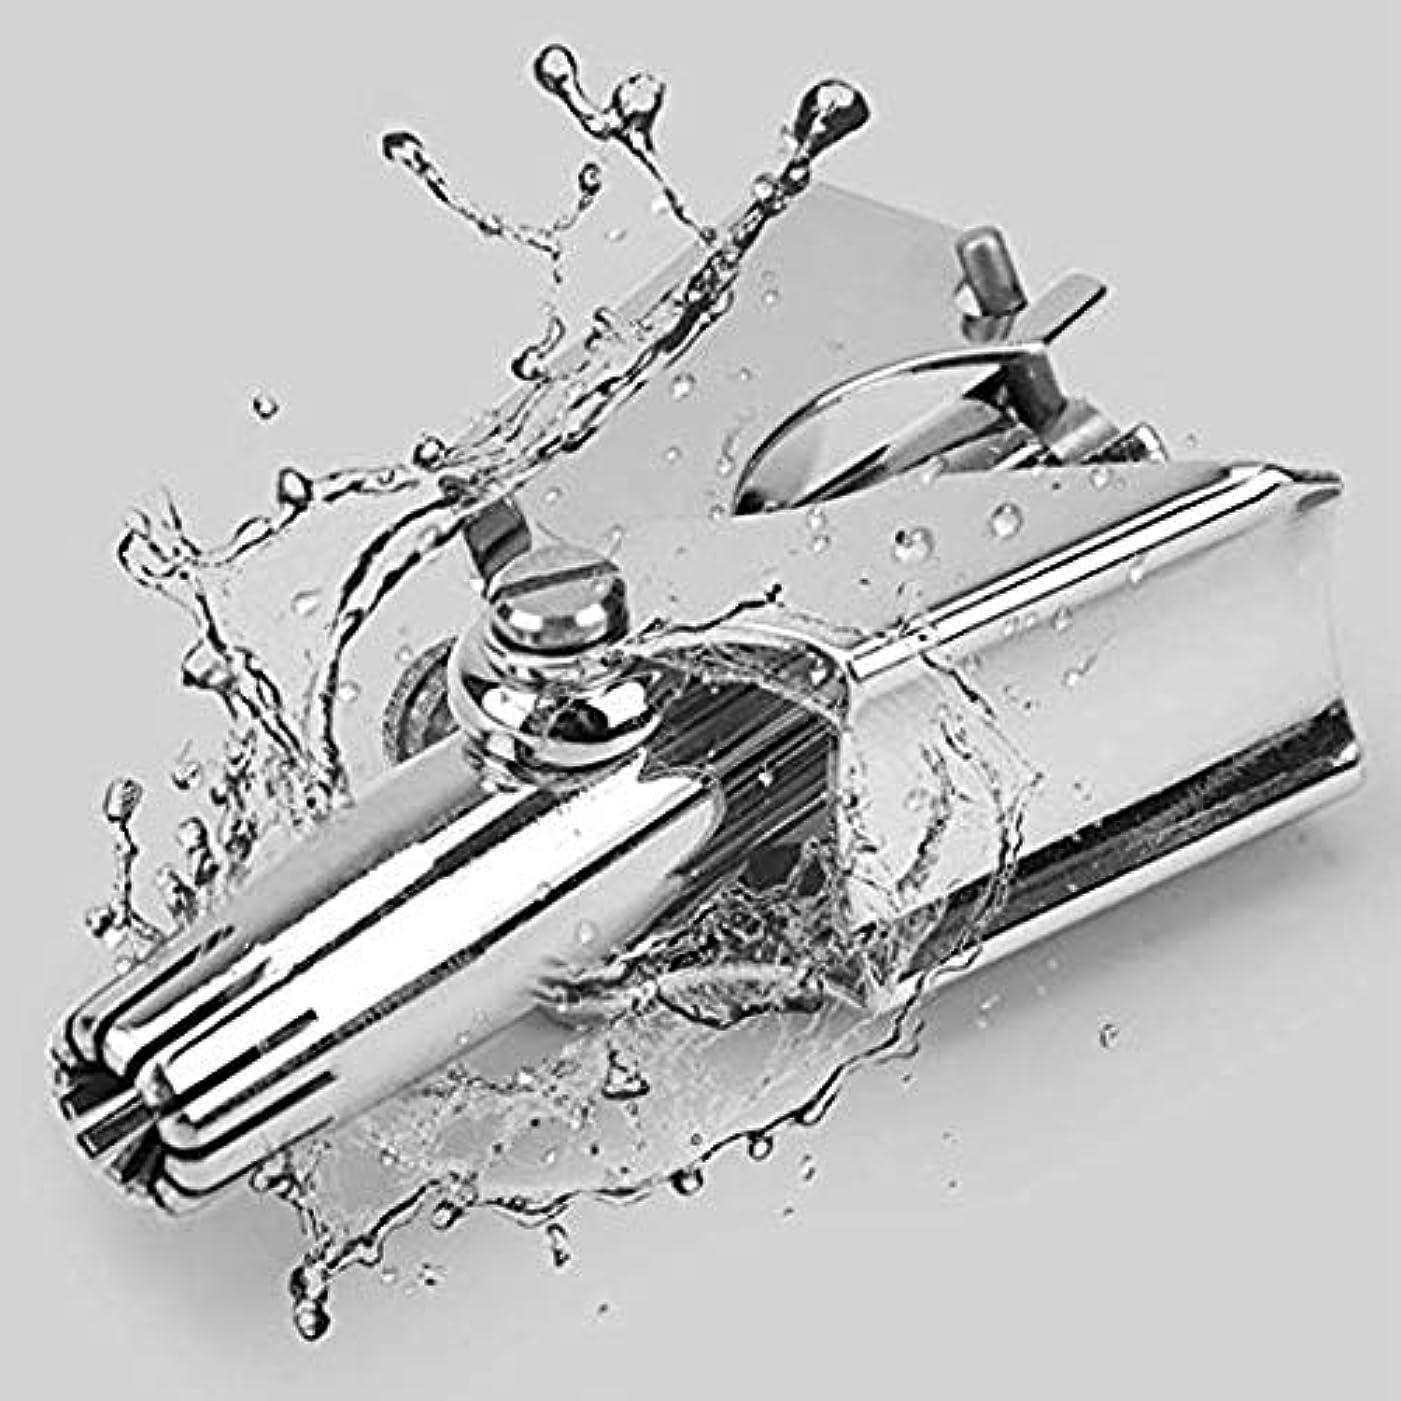 活気づける融合バウンス耳と鼻の毛トリマー、男性と女性のための手動鼻毛トリマー、完璧なステンレス鋼の鼻トリマーはさみ-シルバー(バッテリー不要) (Color : Silver)